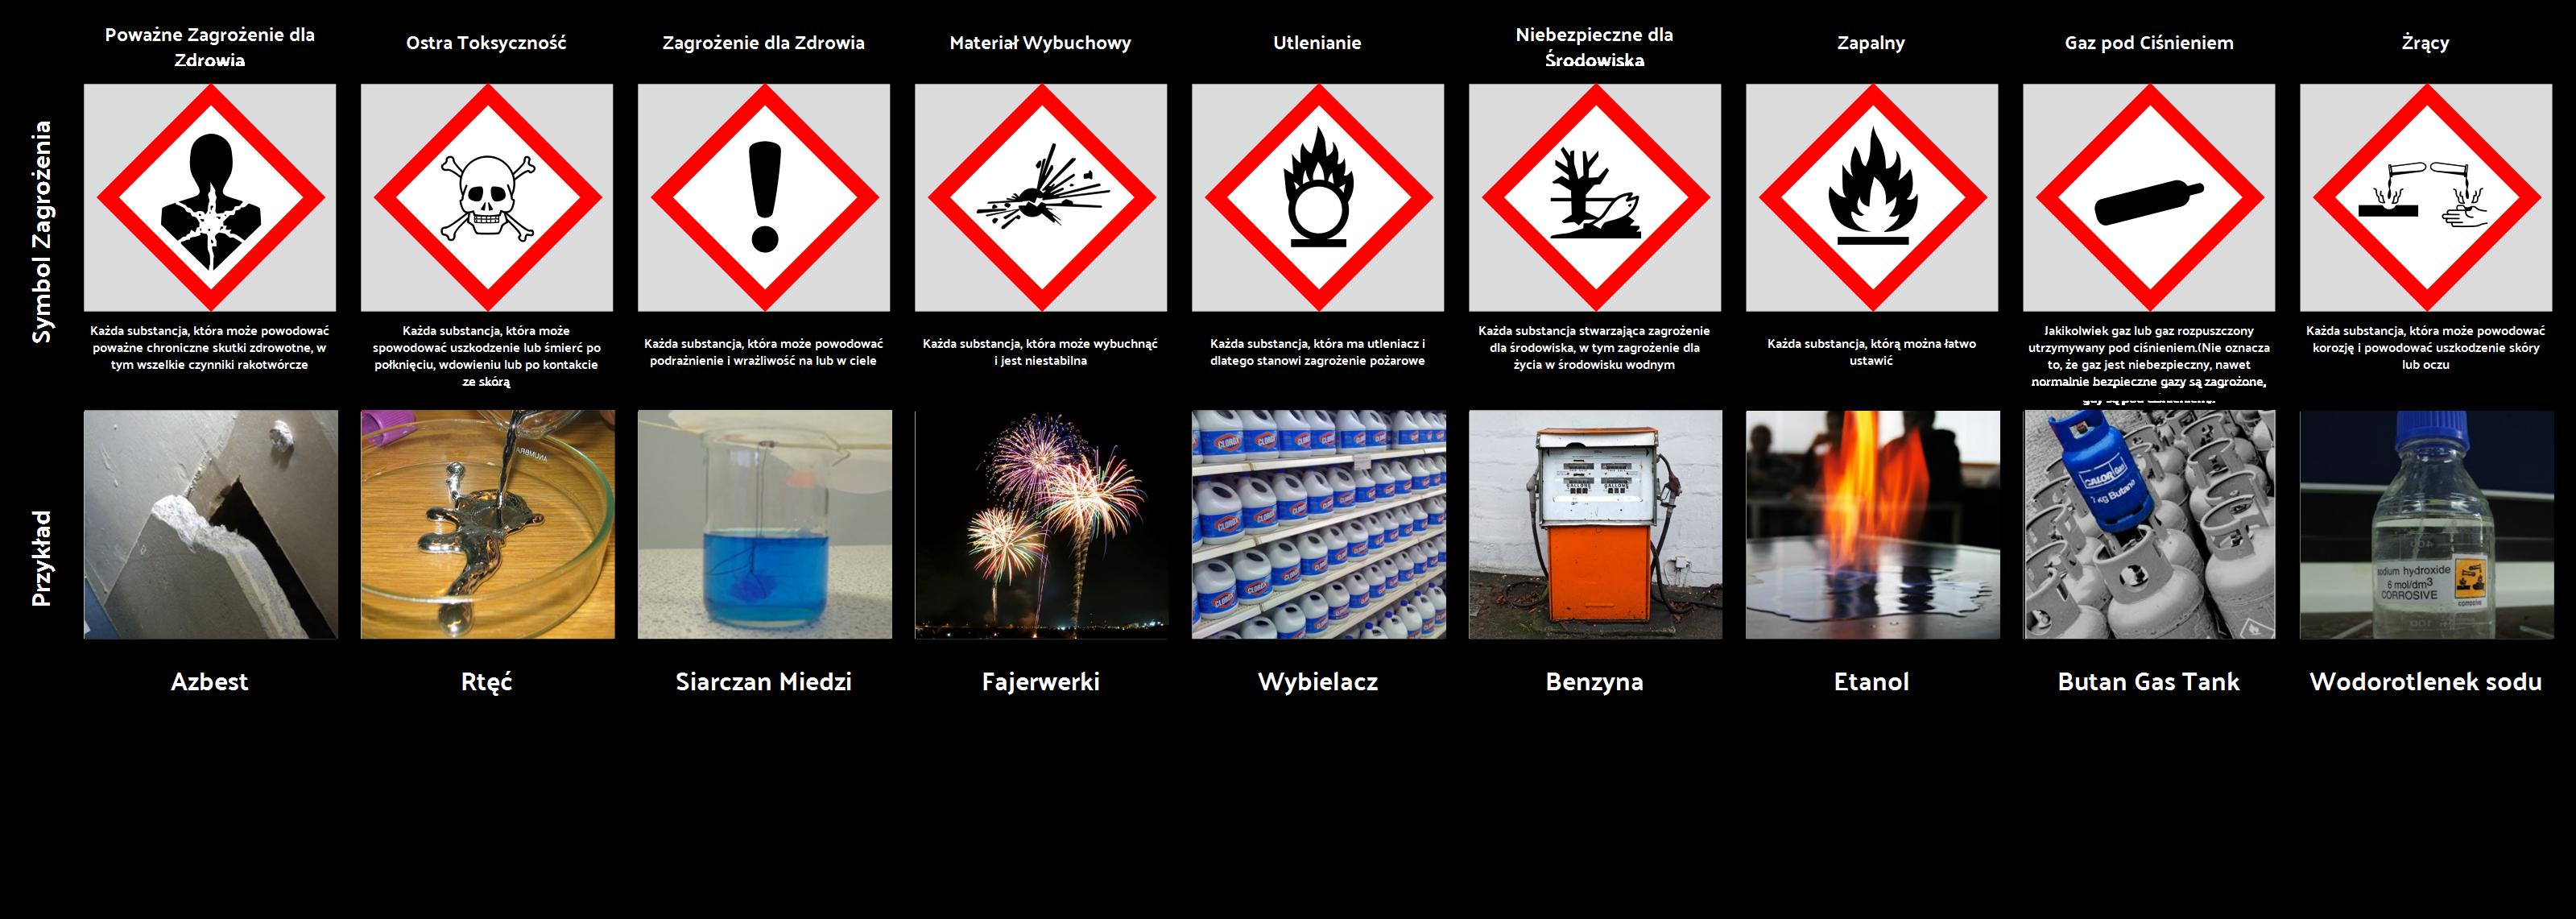 Tabela Symboli Zagrożenia